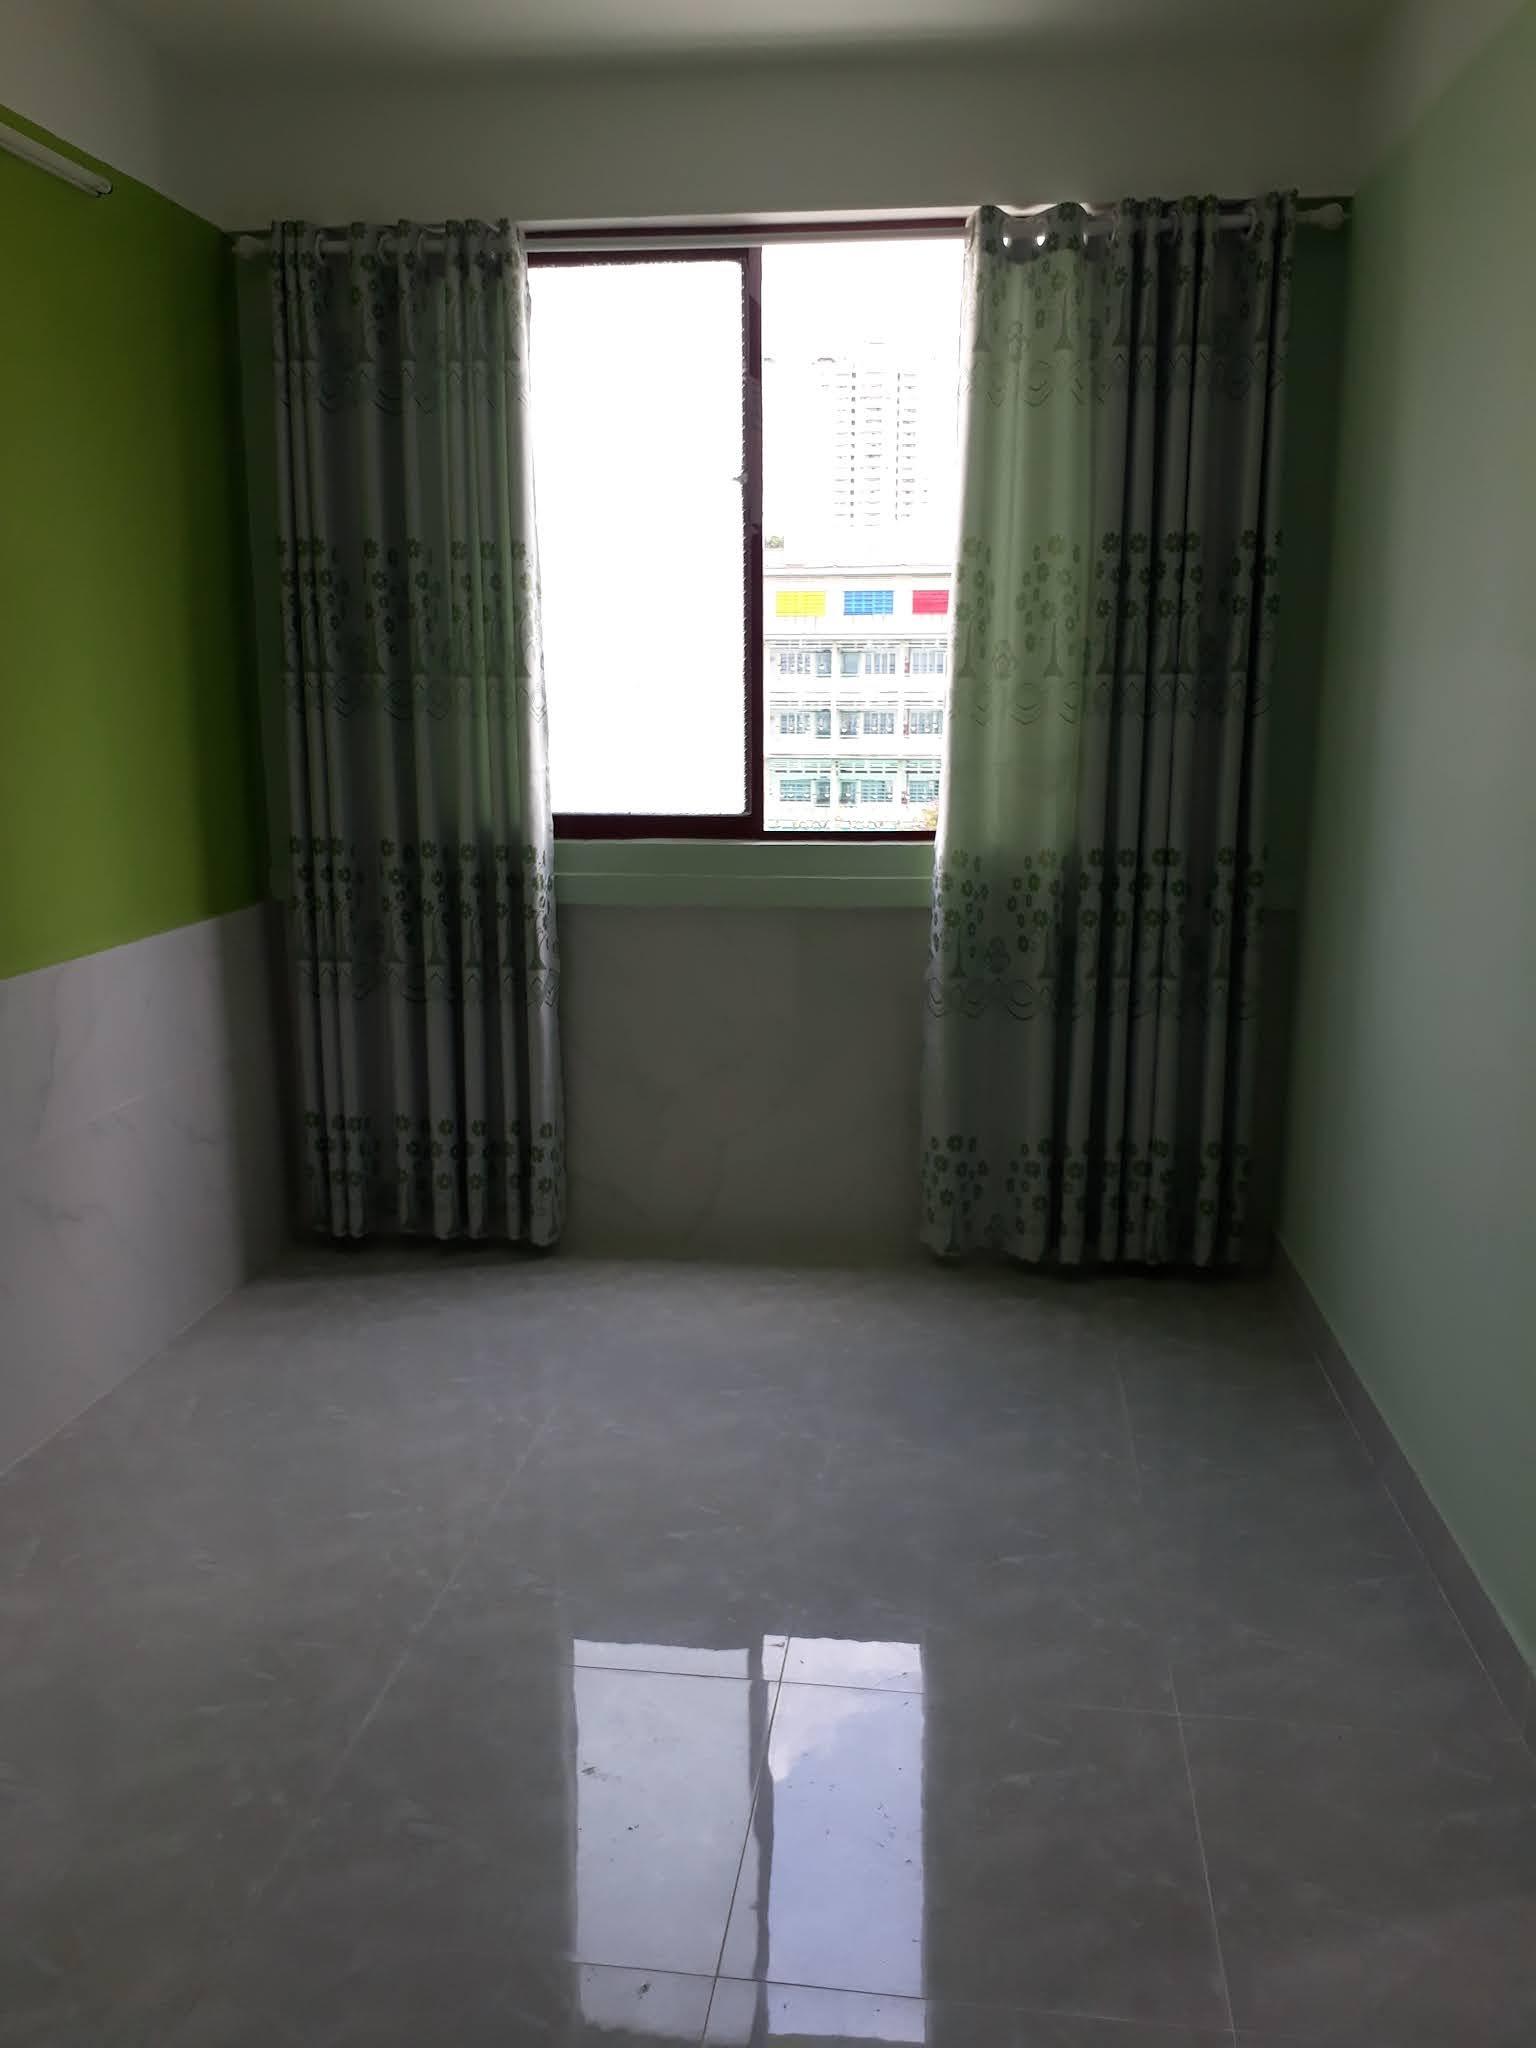 Bán căn hộ chung cư Mặt tiền đường Trần Hưng Đạo Quận 5, căn góc 2PN sổ hồng riêng